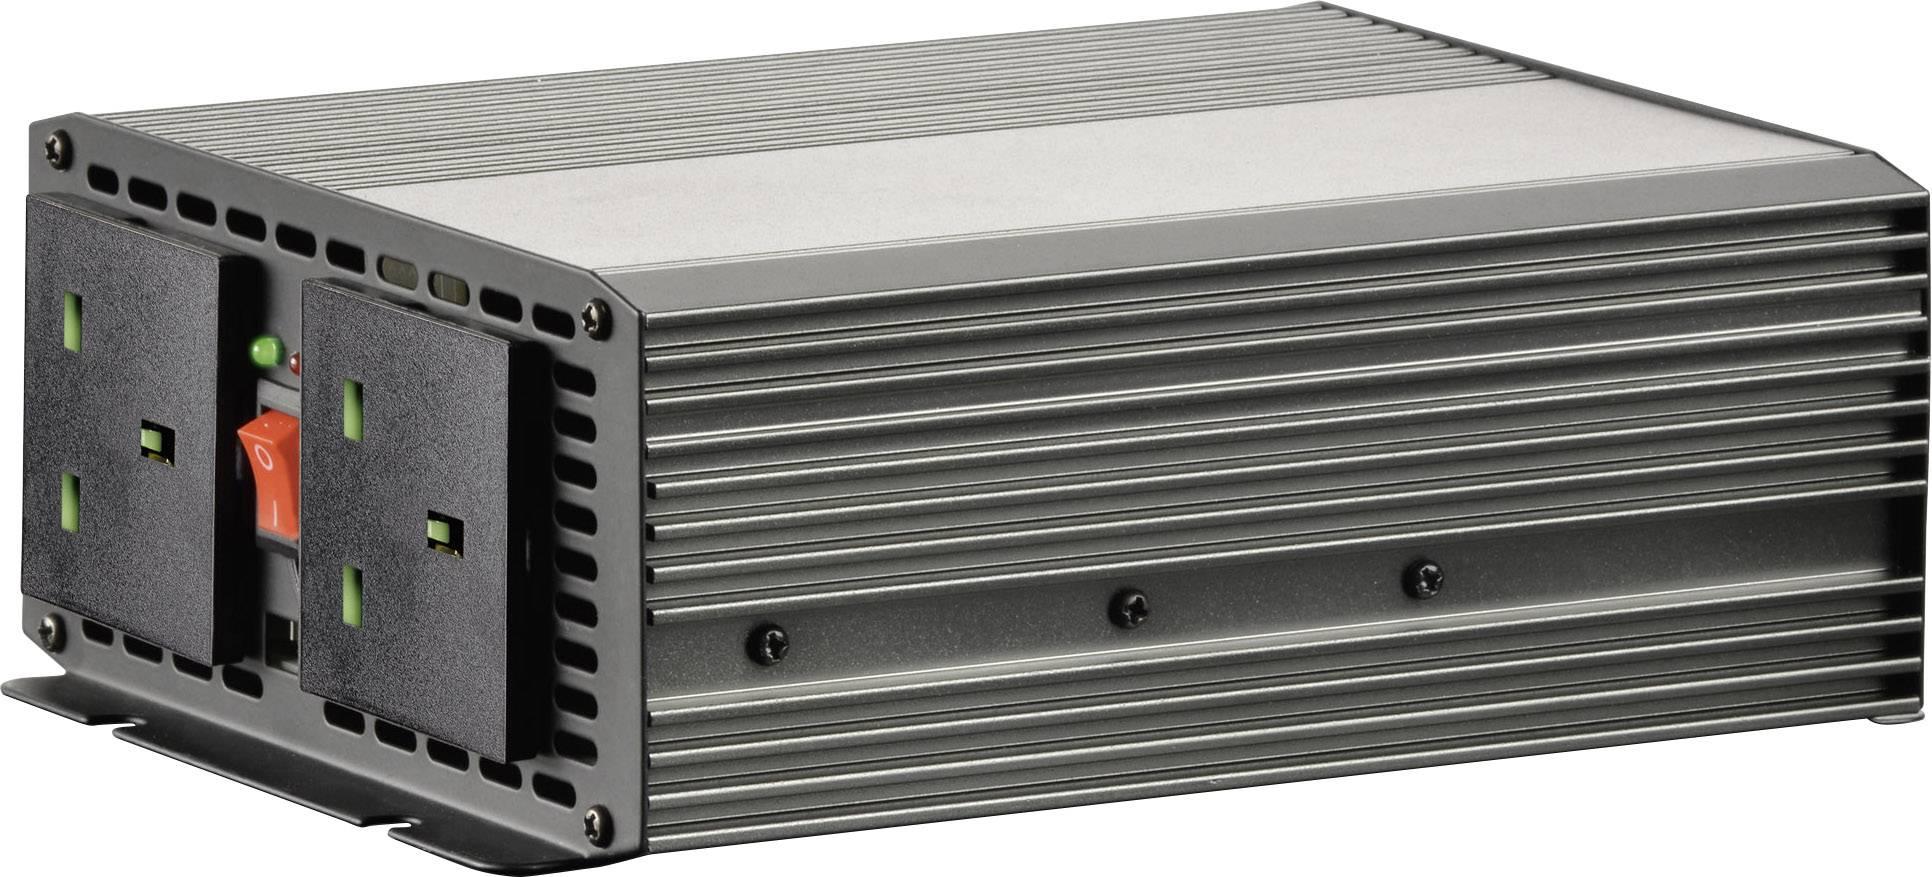 Měnič napětí VOLTCRAFT MSW 700-24-UK, 700 W, 24 V/DC/230 V/AC, 700 W